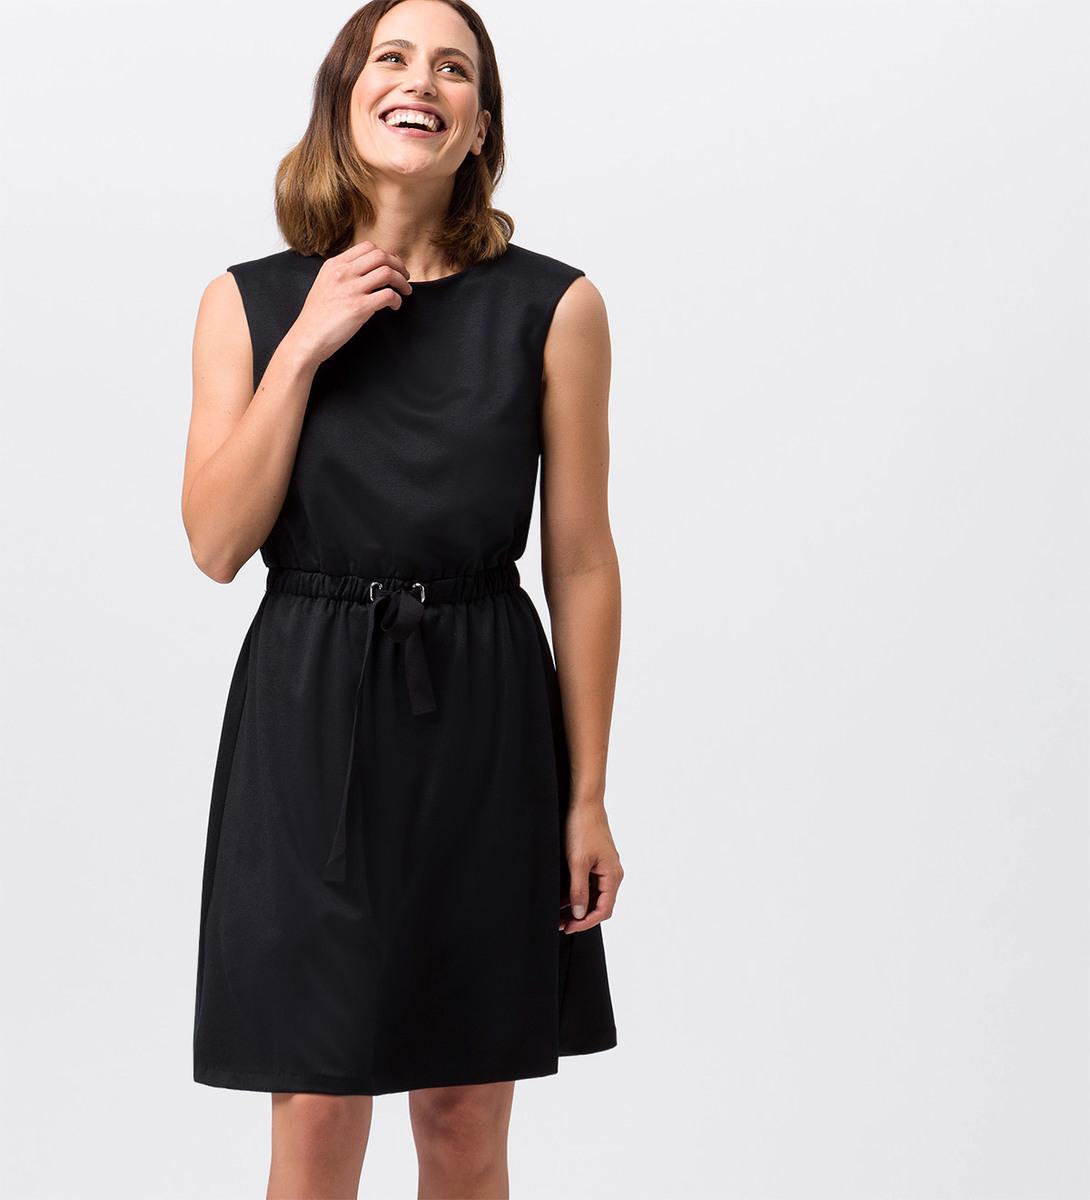 Kleid mit Taillenbund in black